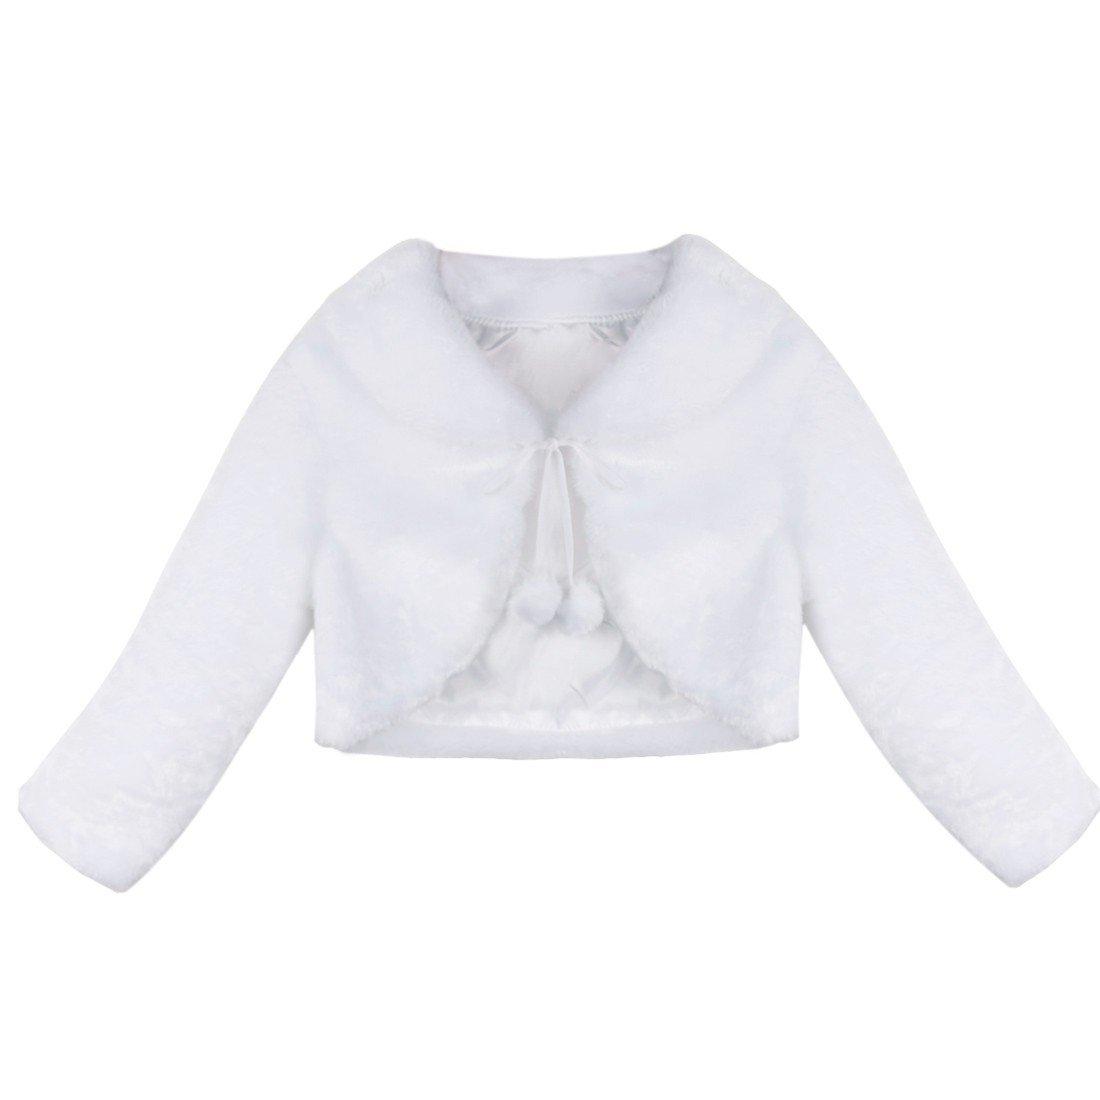 TiaoBug Girls Faux Fur Flower Girl Bolero Shrug Coat Wedding Bridal Party Prom Dress Jacket White 5-6